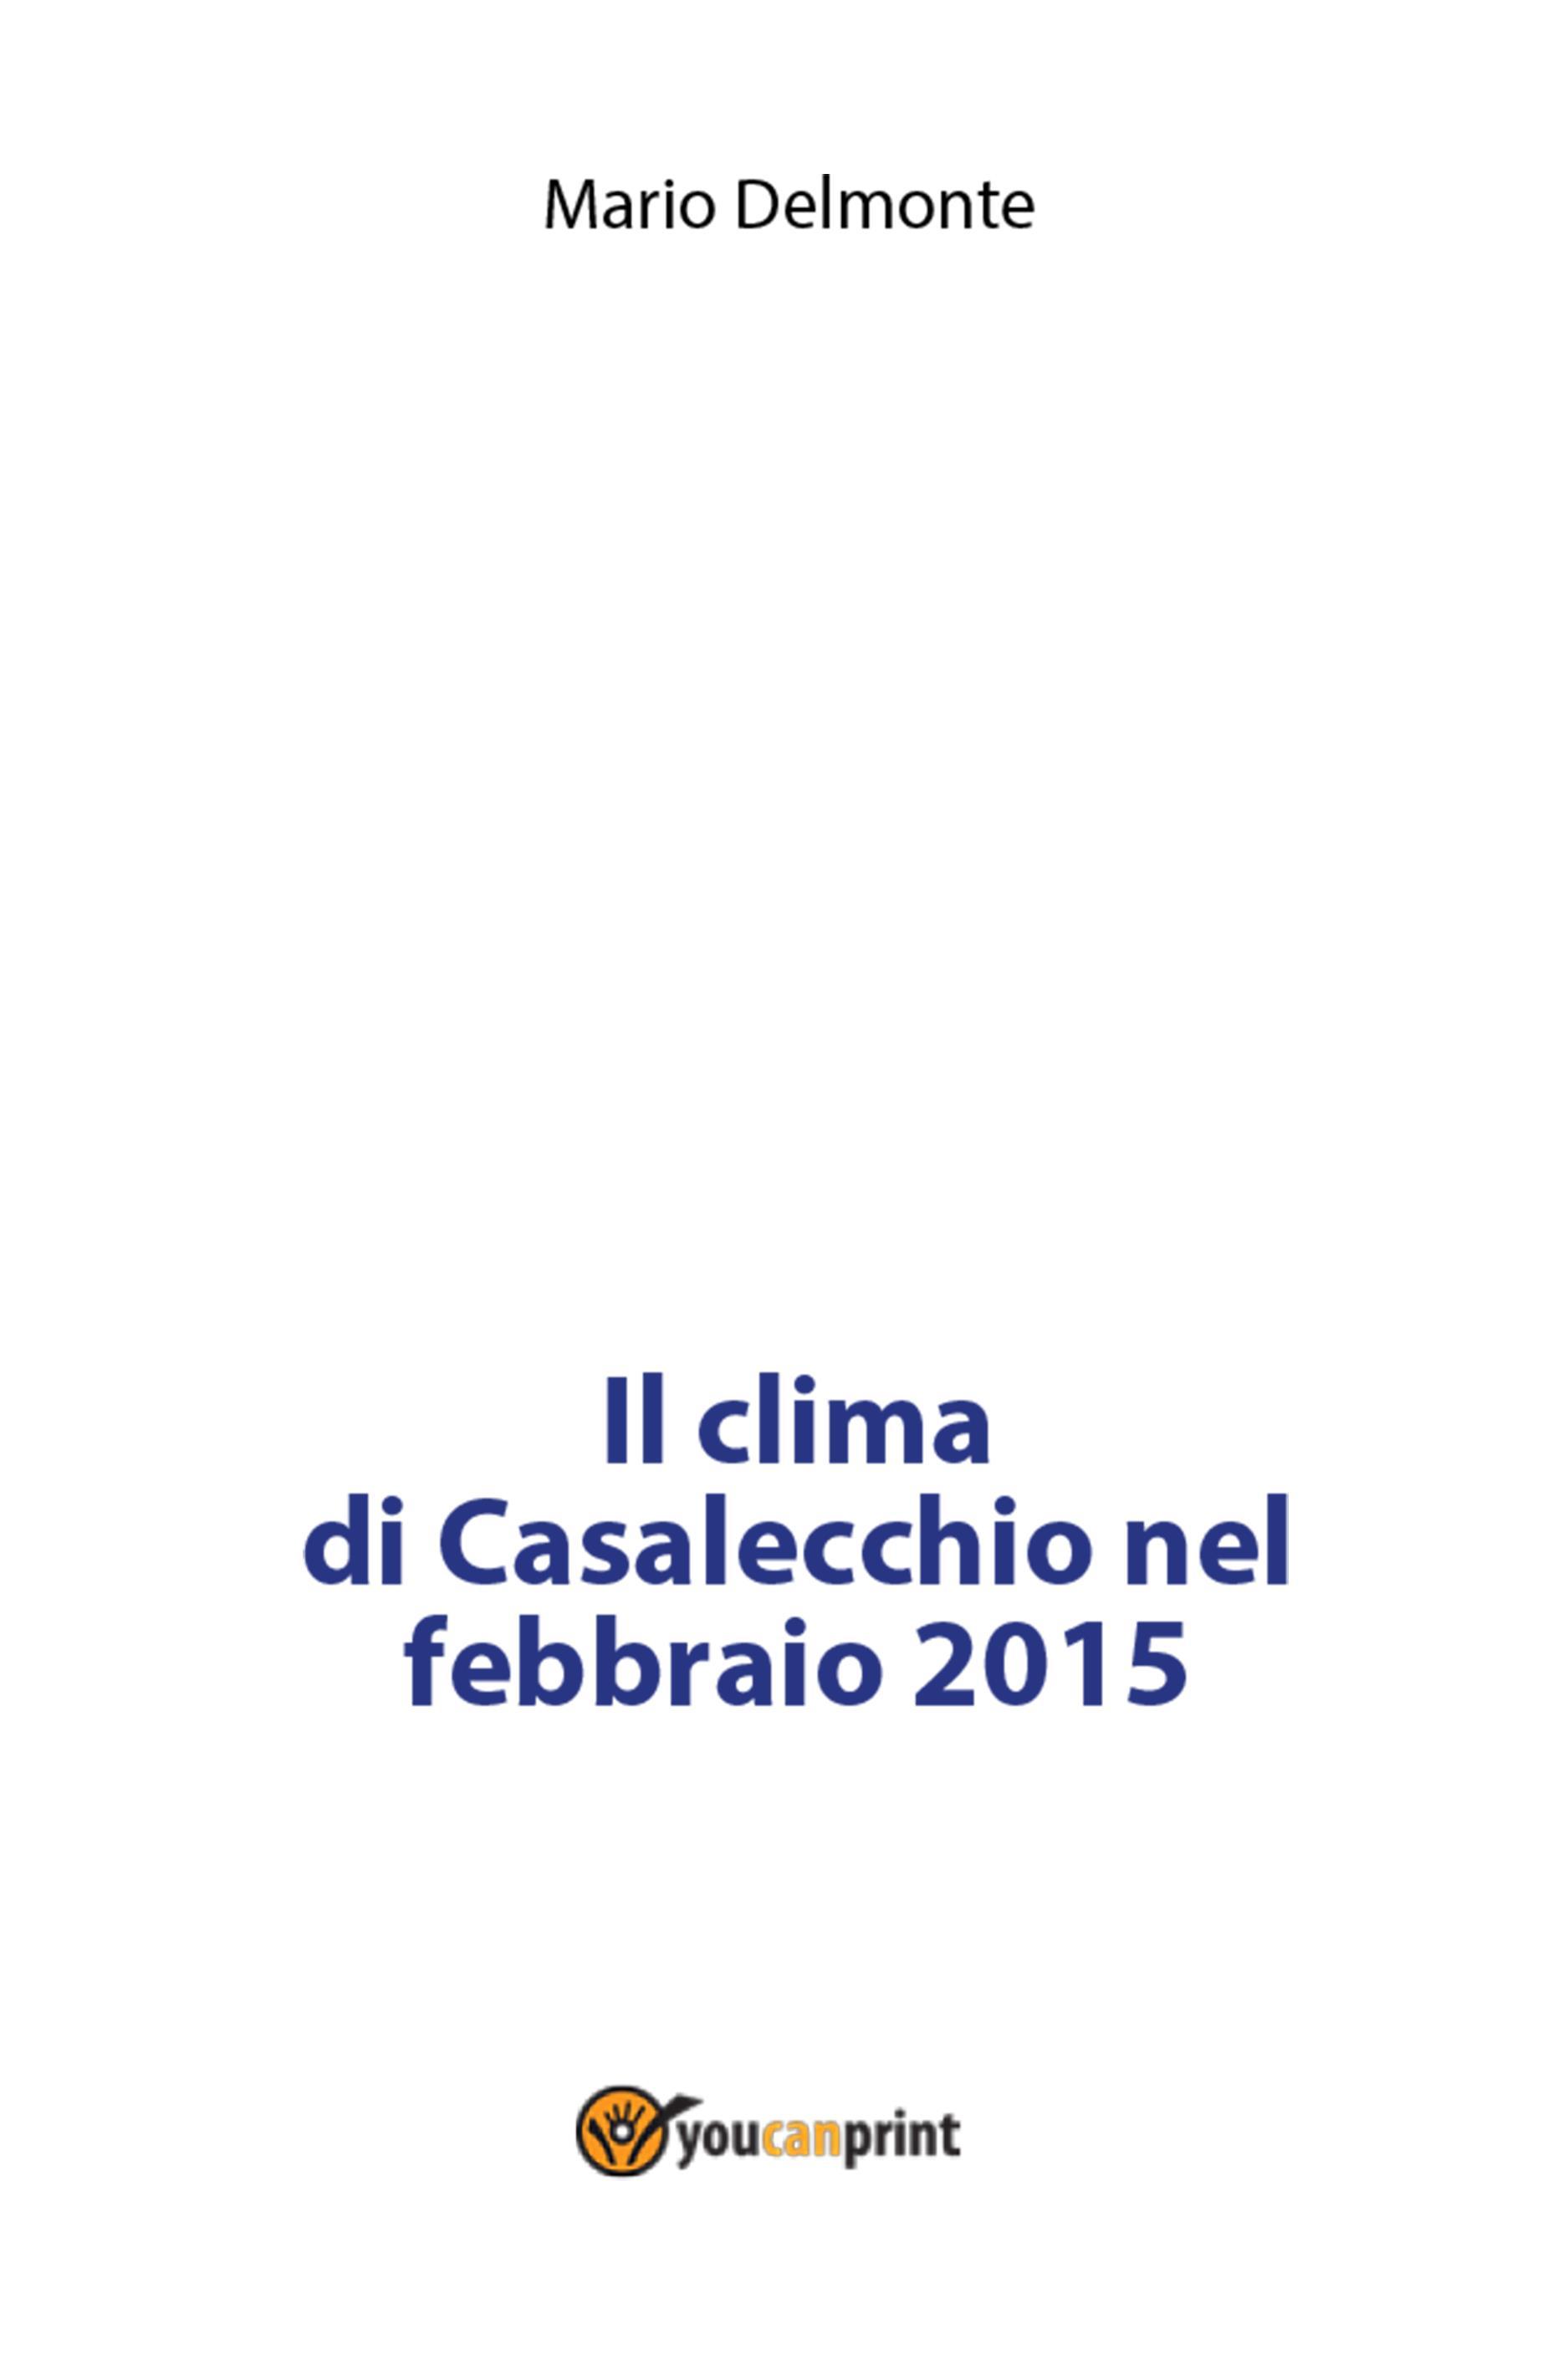 Il clima di Casalecchio nel febbraio 2015